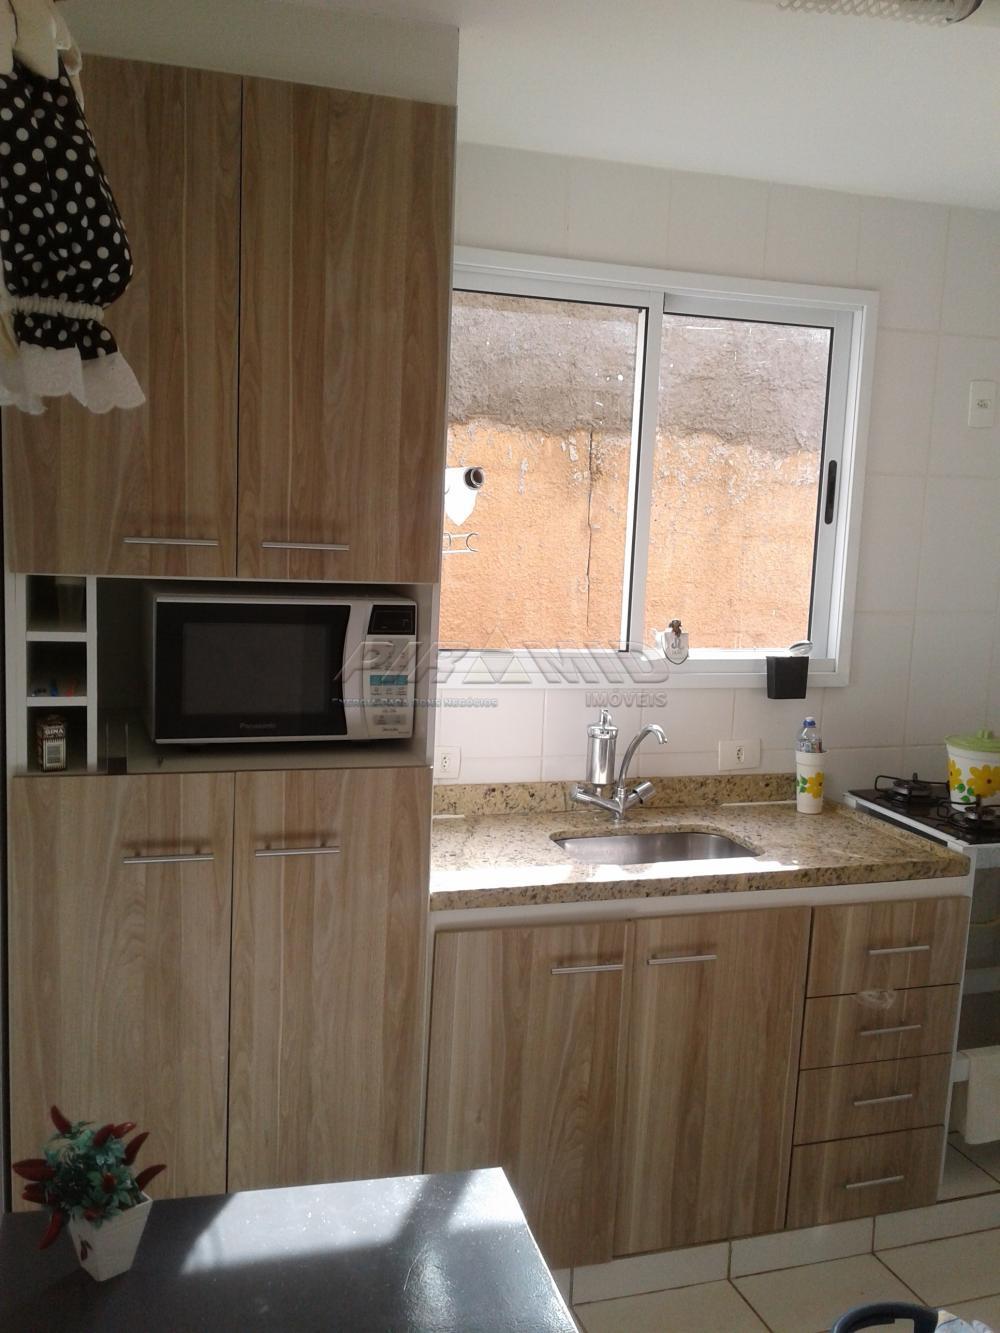 Alugar Casa / Condomínio em Ribeirão Preto R$ 1.600,00 - Foto 5